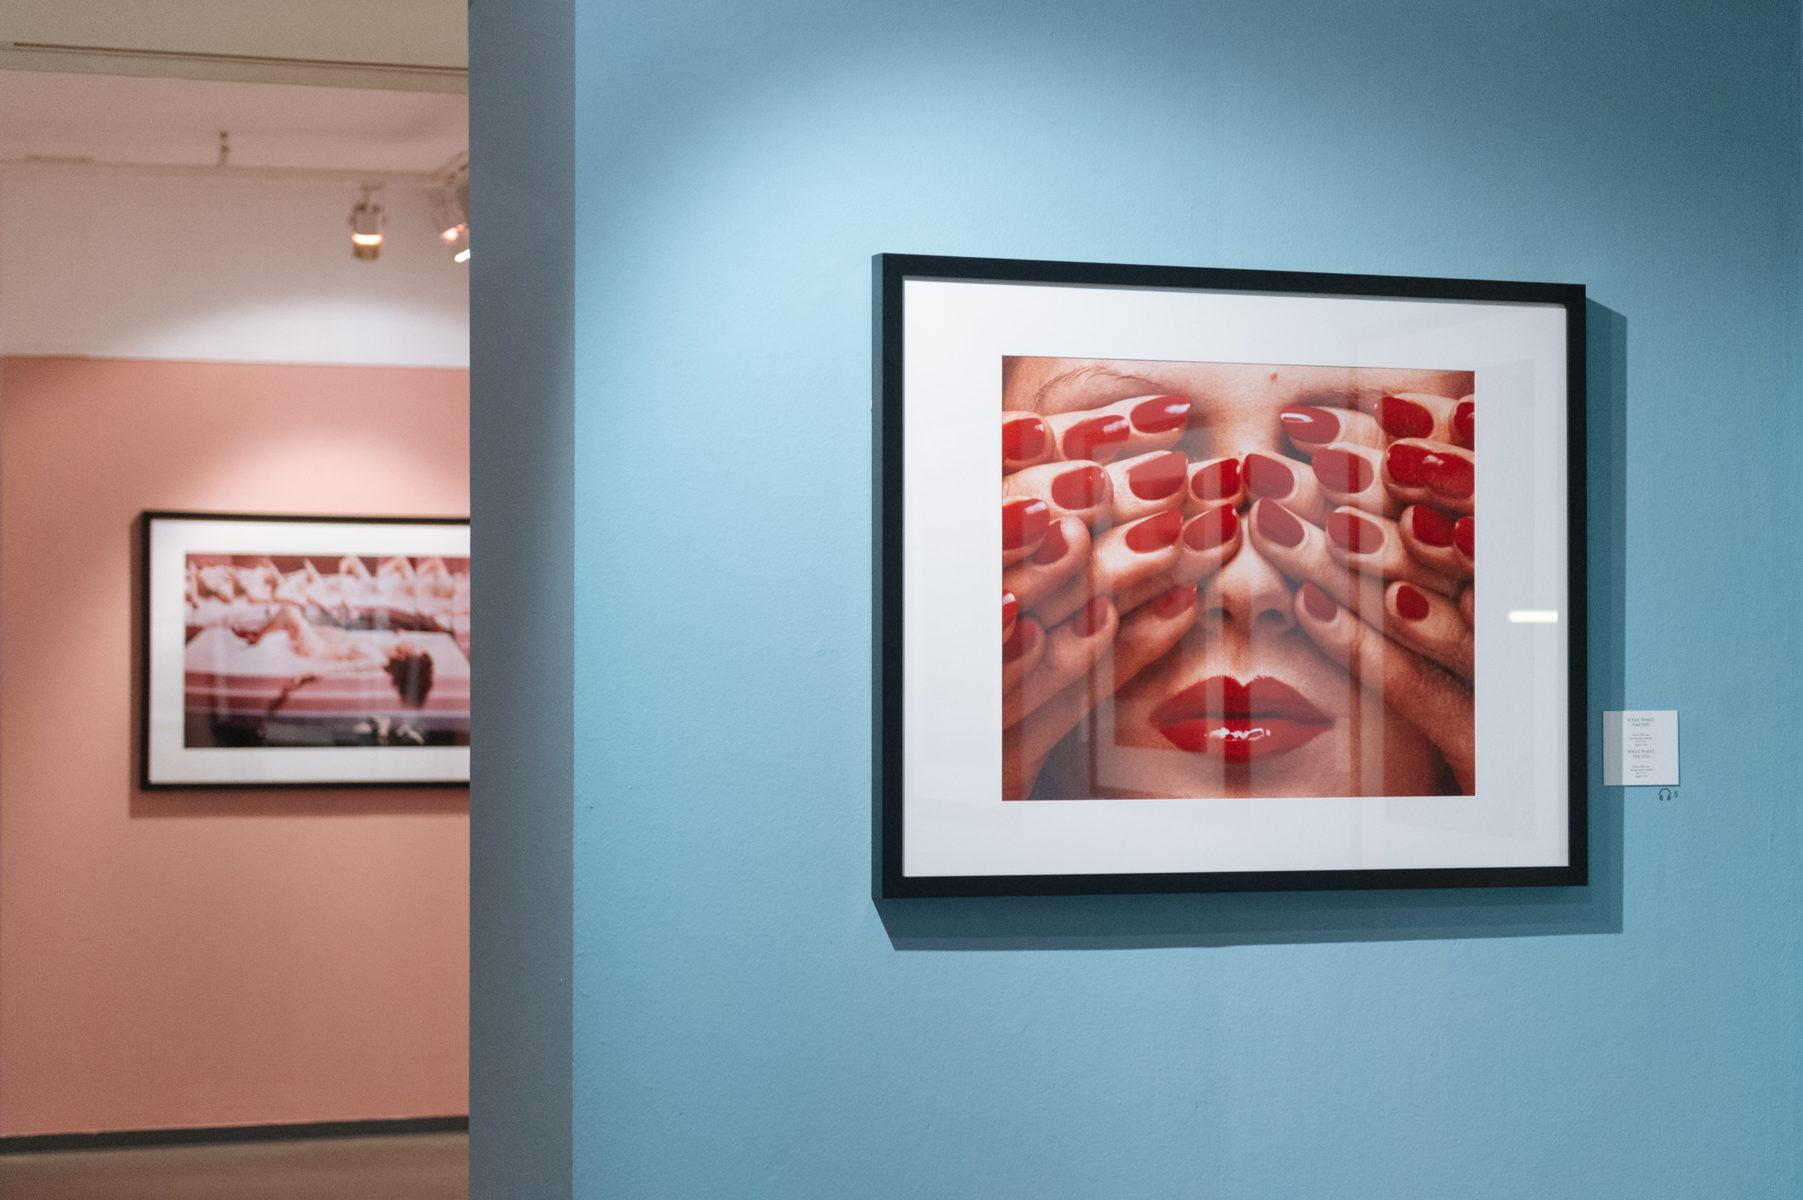 3D-тур по выставке «Ги Бурден. Следуй за мной» от Центра фотографии им. братьев Люмьер – события на сайте «Московские Сезоны»